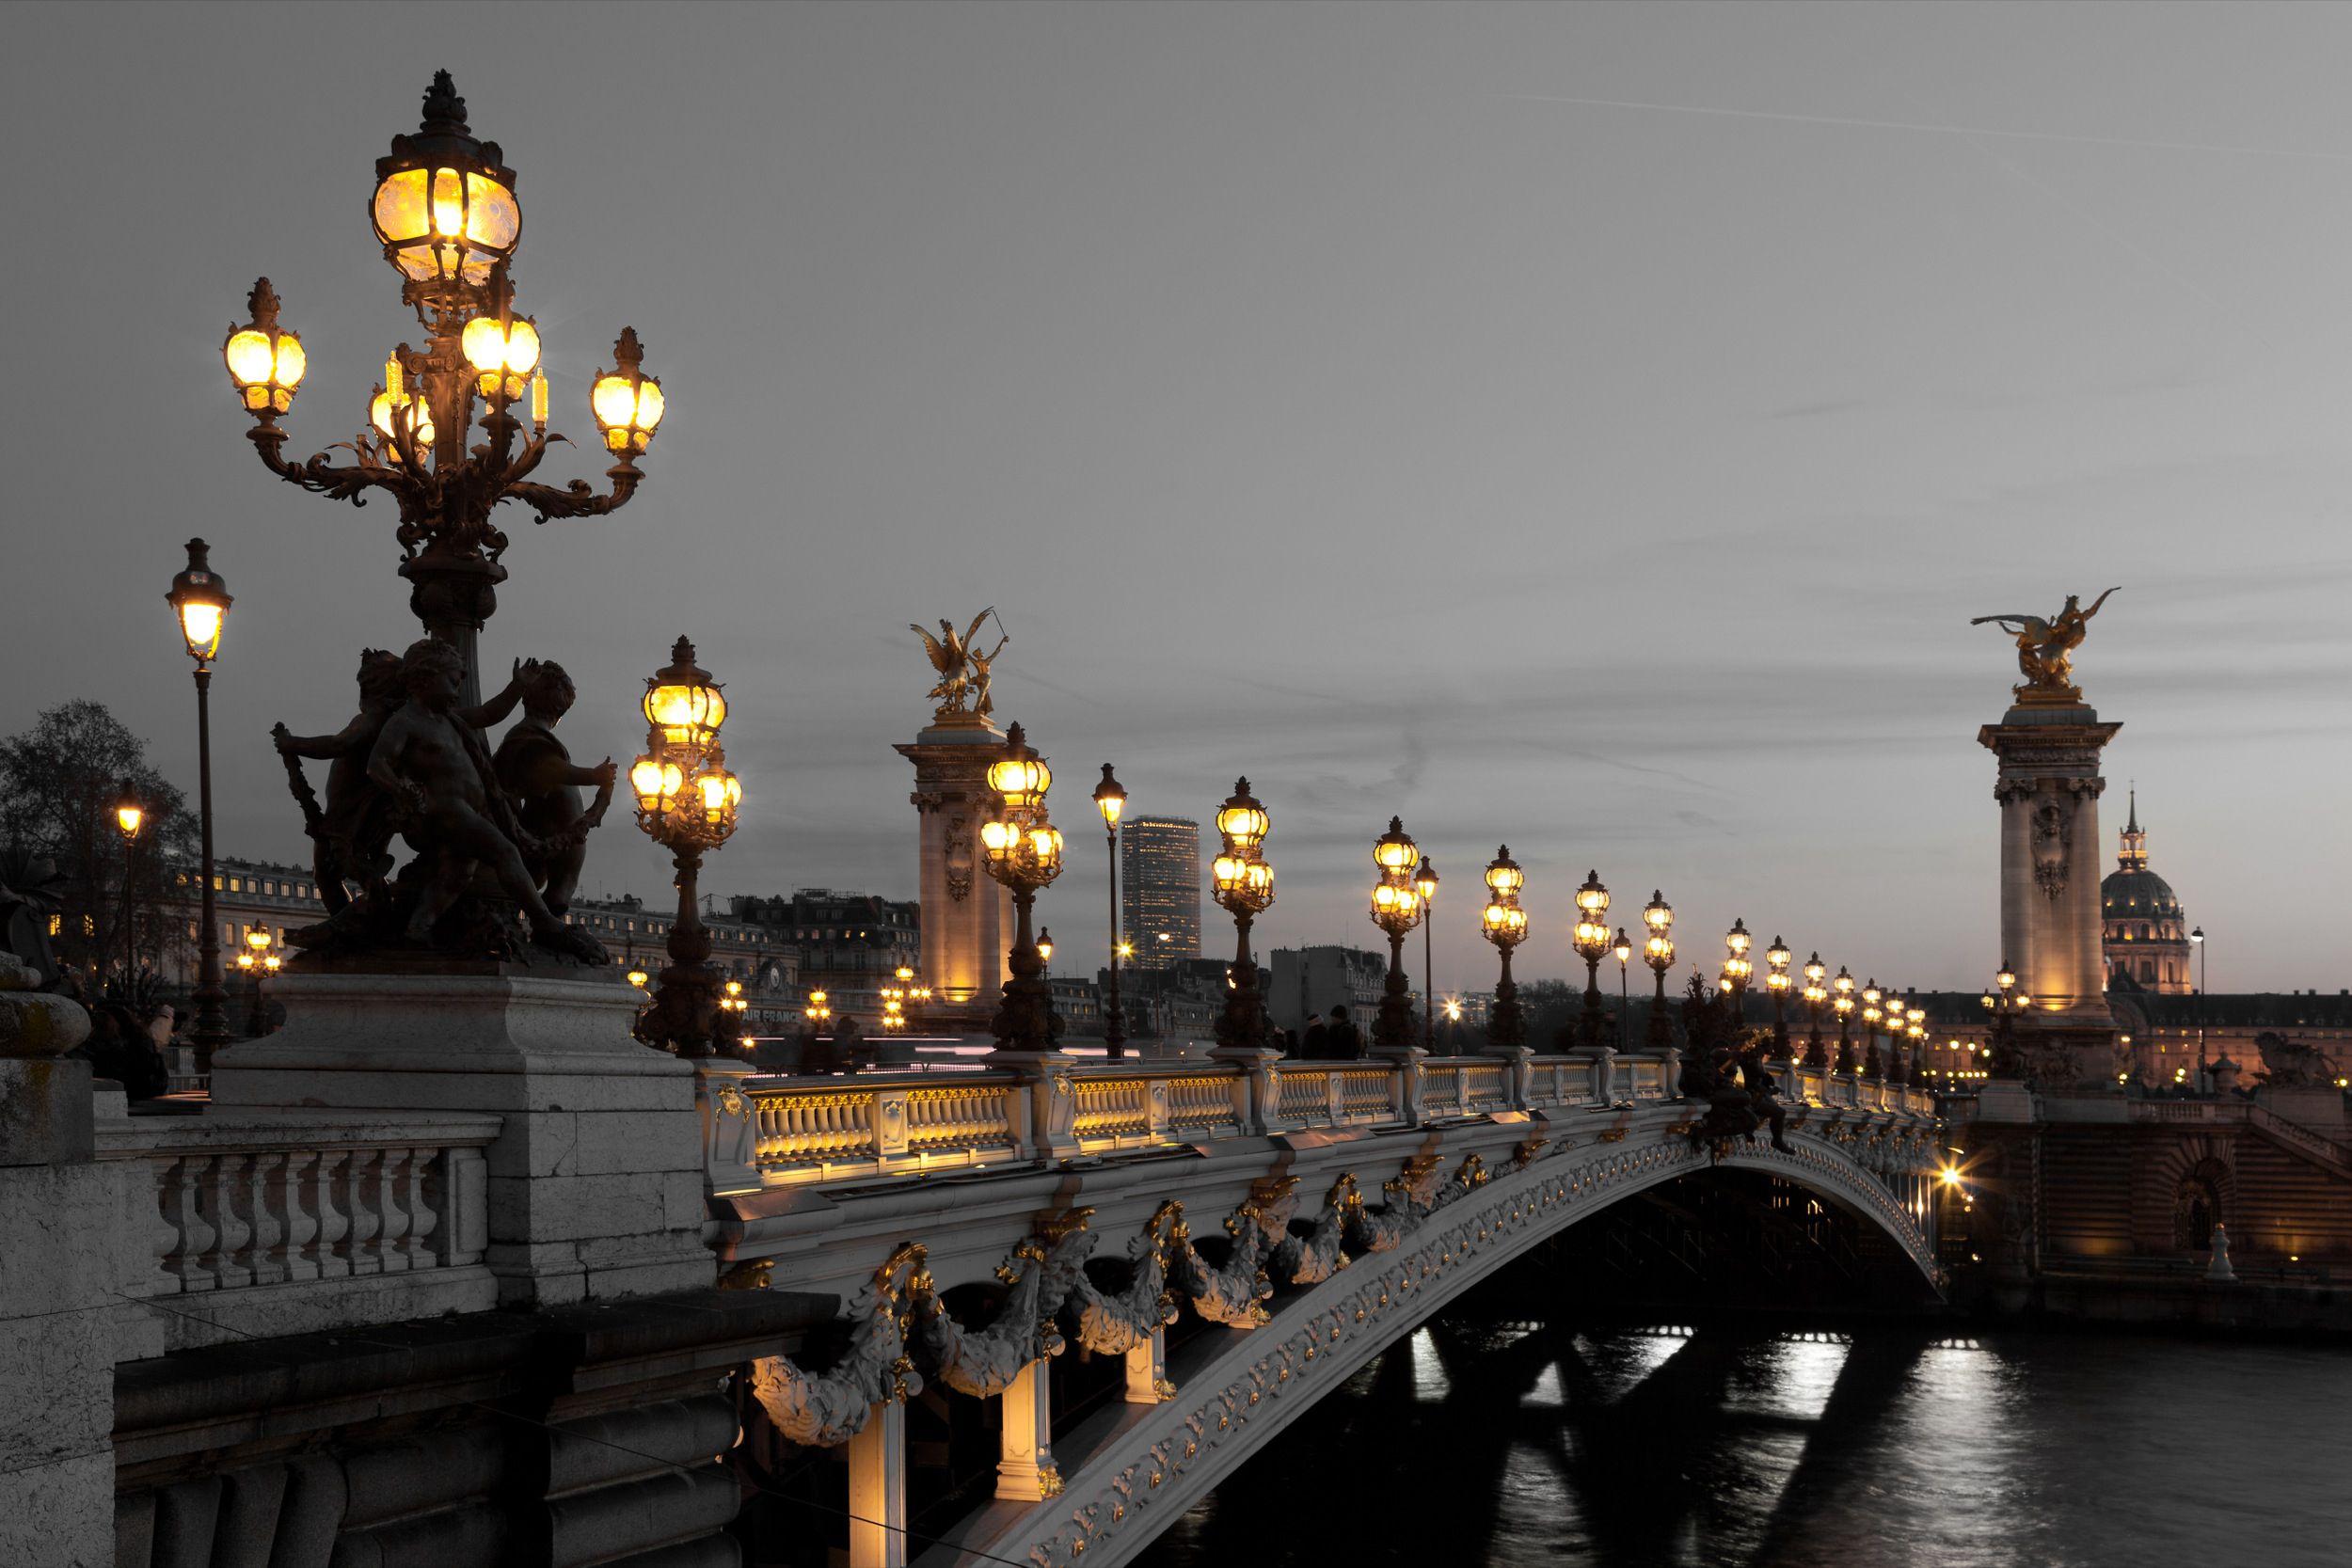 Обои pont alexandre iii, мост александра iii, paris, france. Города foto 15